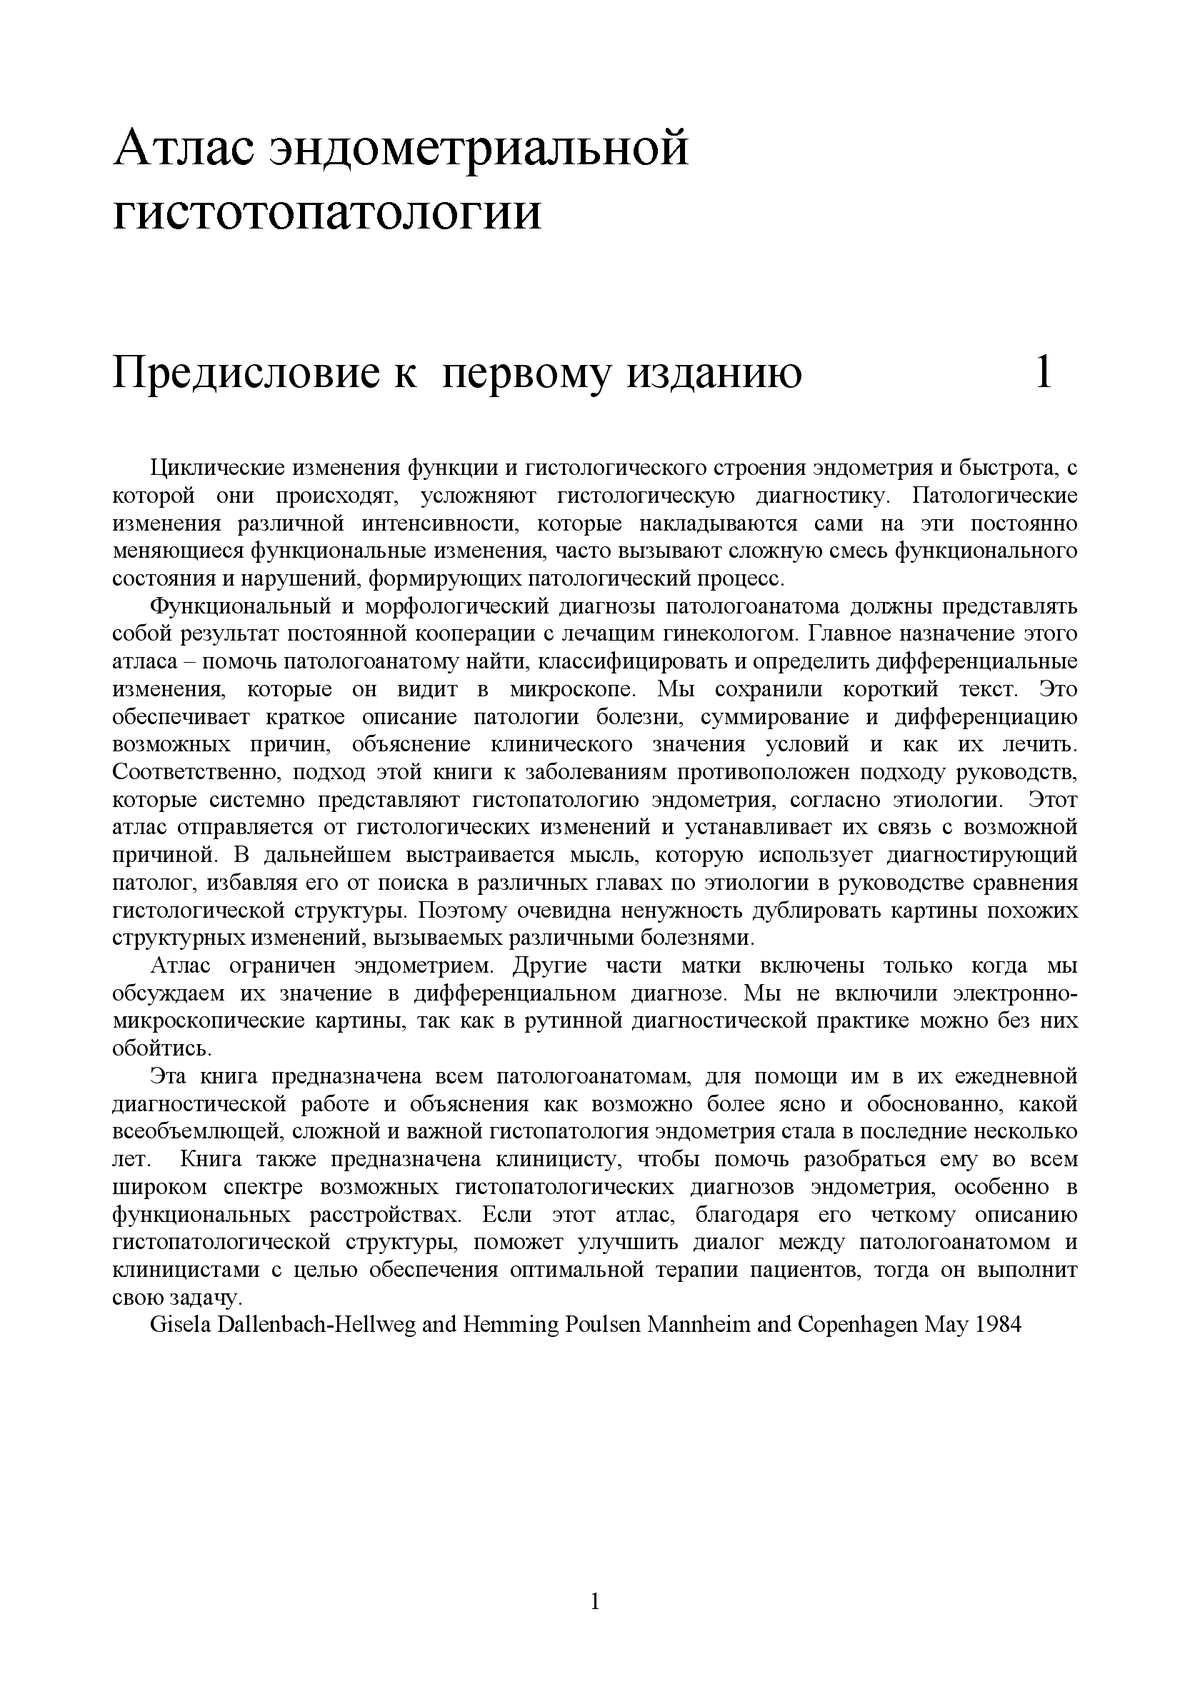 Функциональный полип эндометрия: особенности, виды и варианты лечения